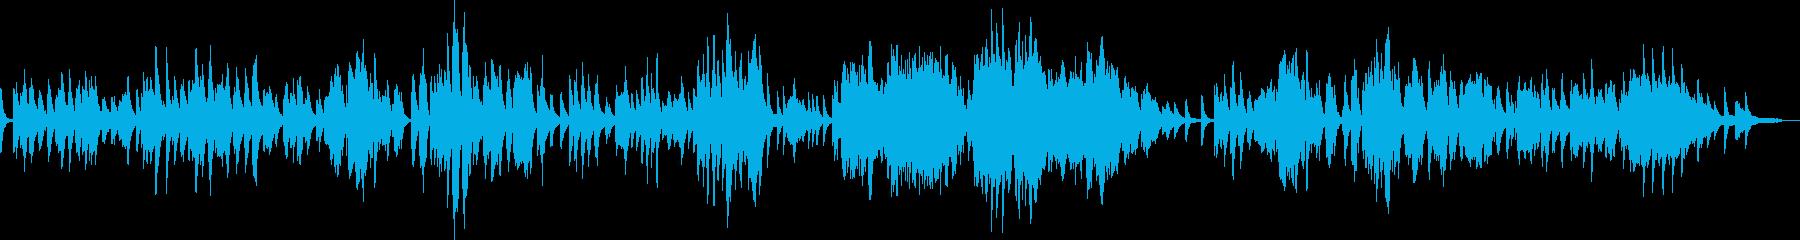 ショパン ノクターン Op15-No2の再生済みの波形